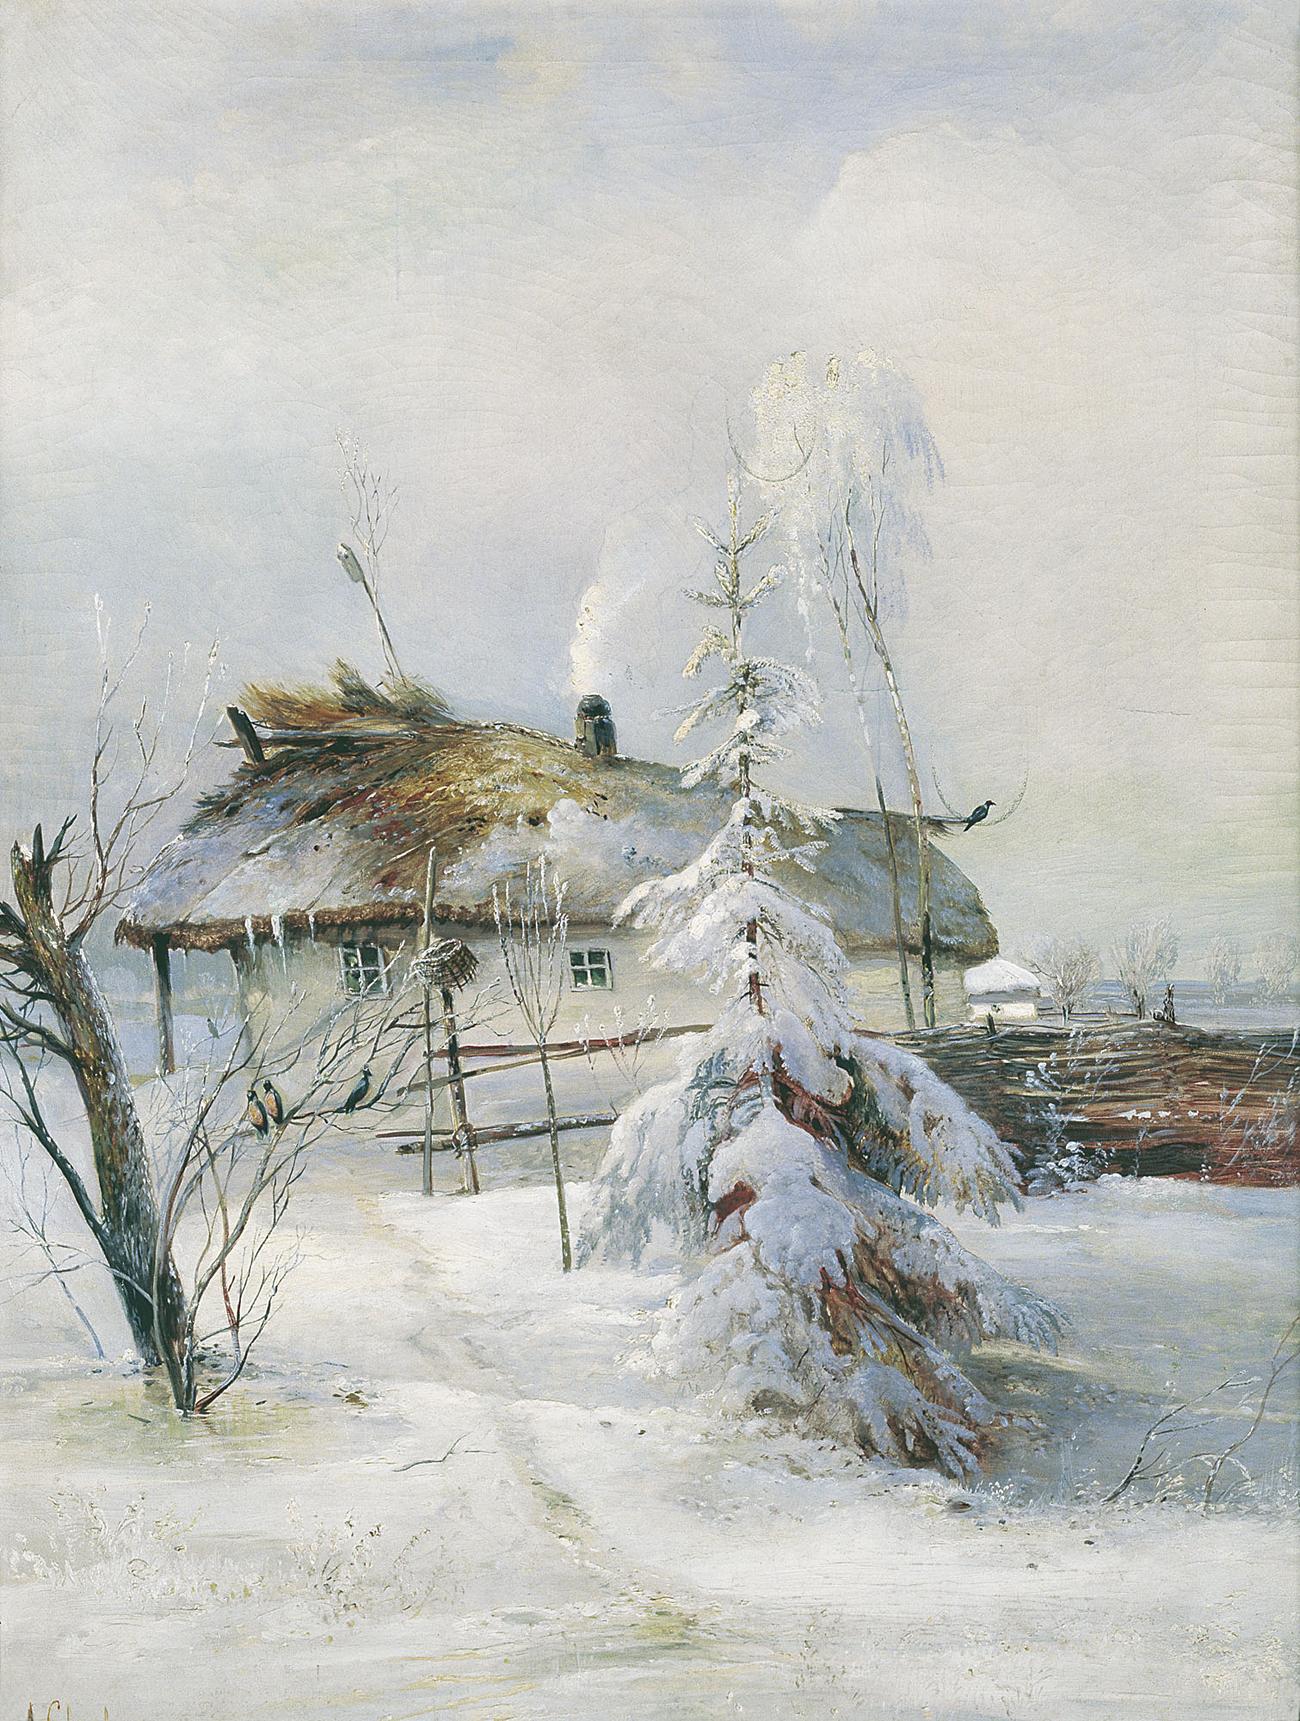 「冬」=アレクセイ・サヴラソフ作